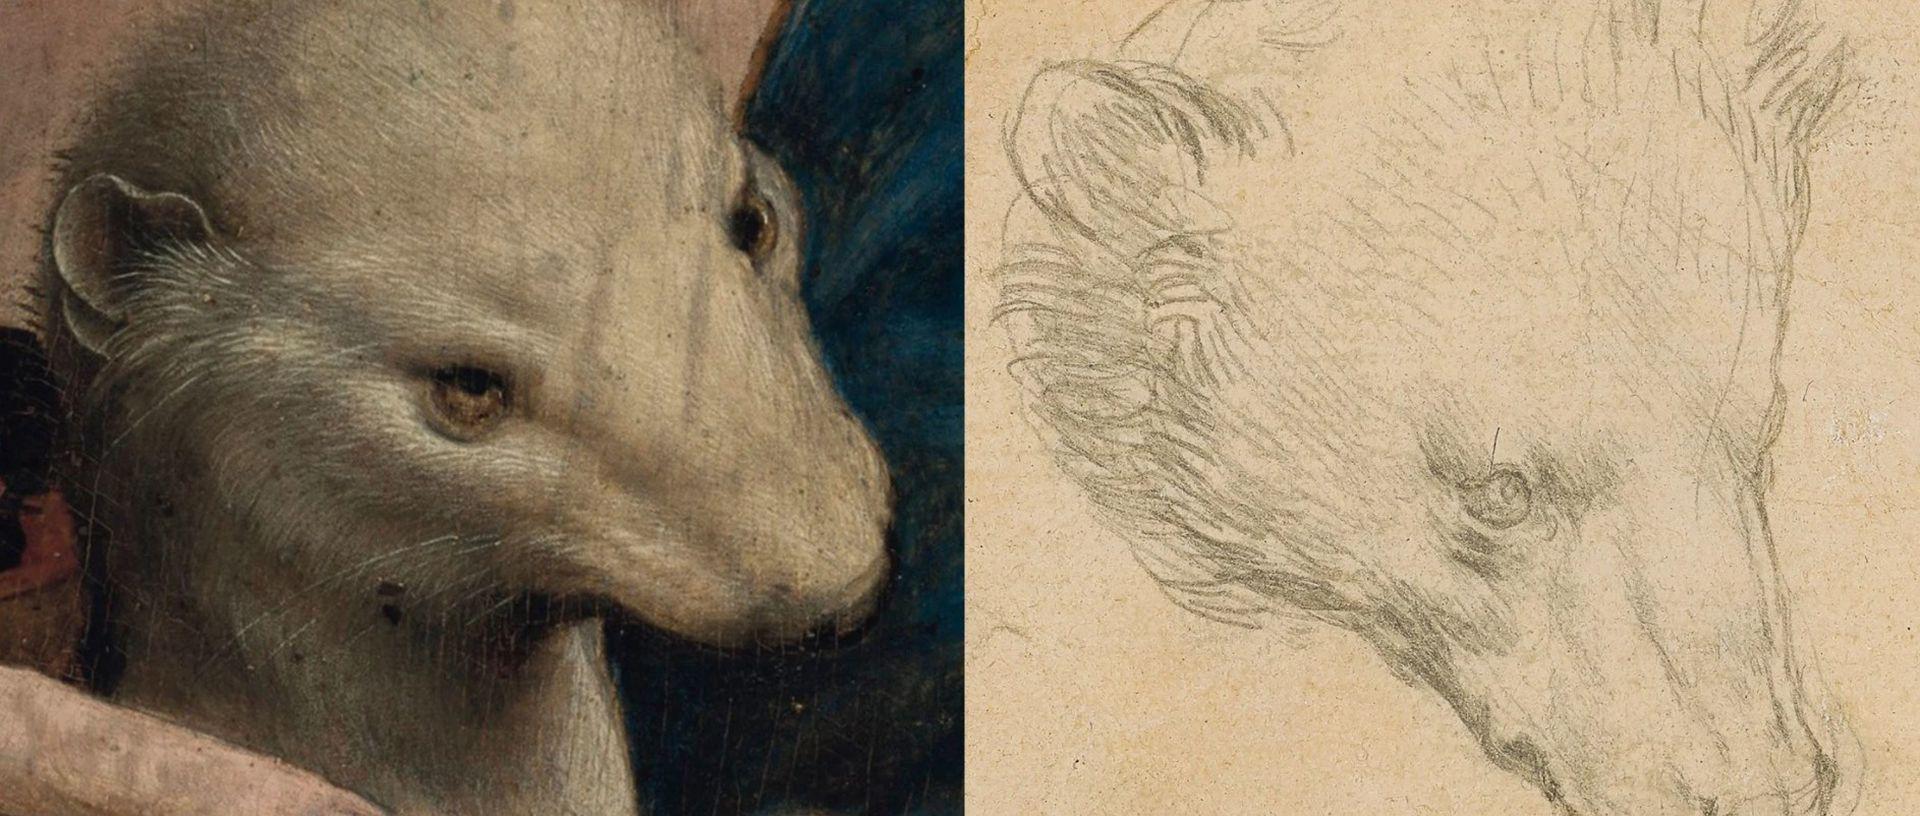 Detalle de las cabezas de los animales creados por Da Vinci